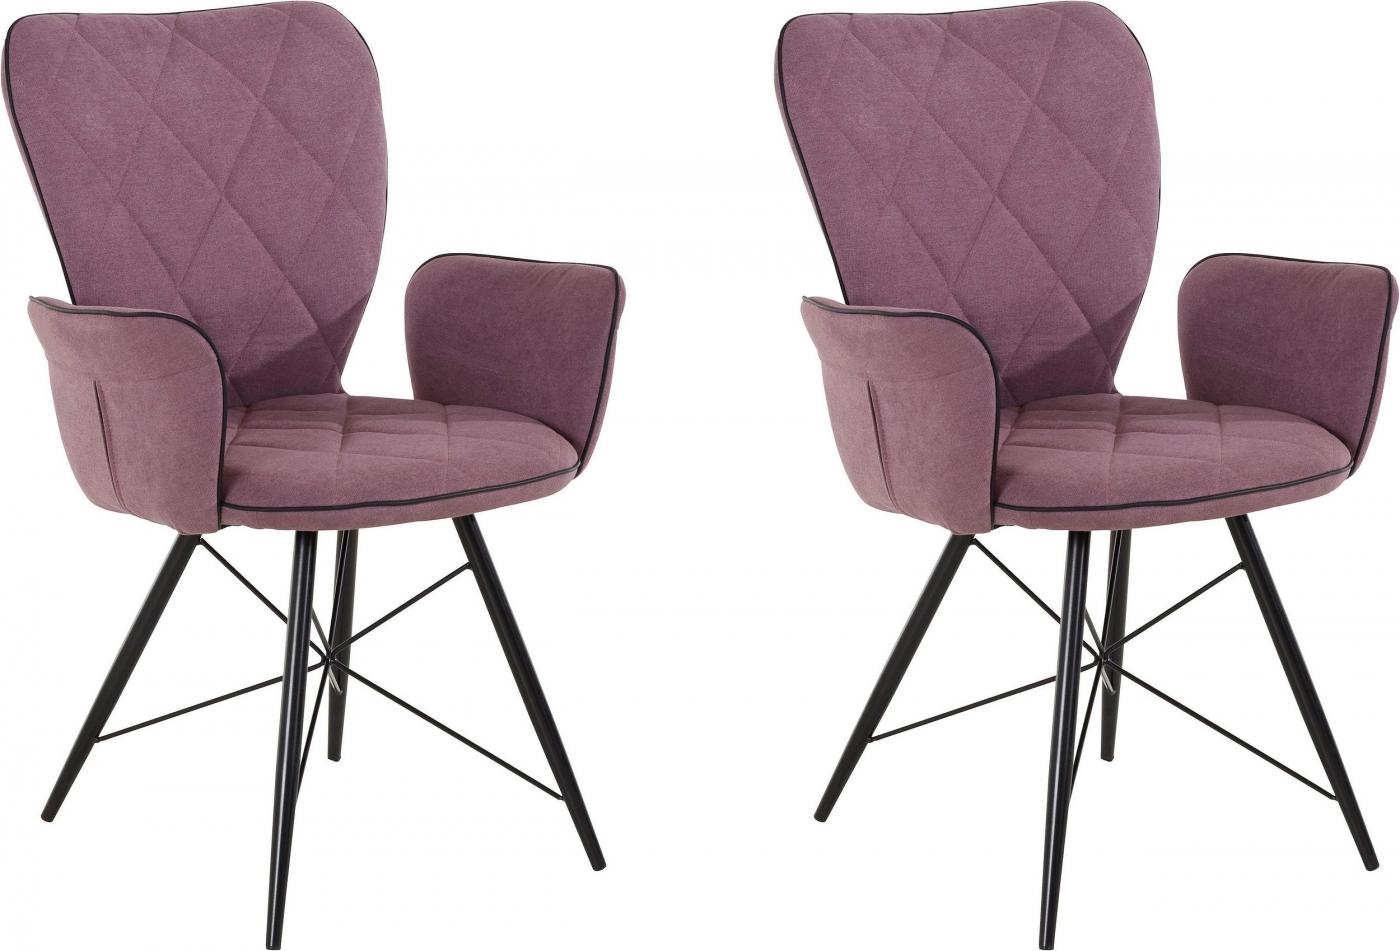 Jídelní židle Viole (SET 2 ks), antracitová / růžová